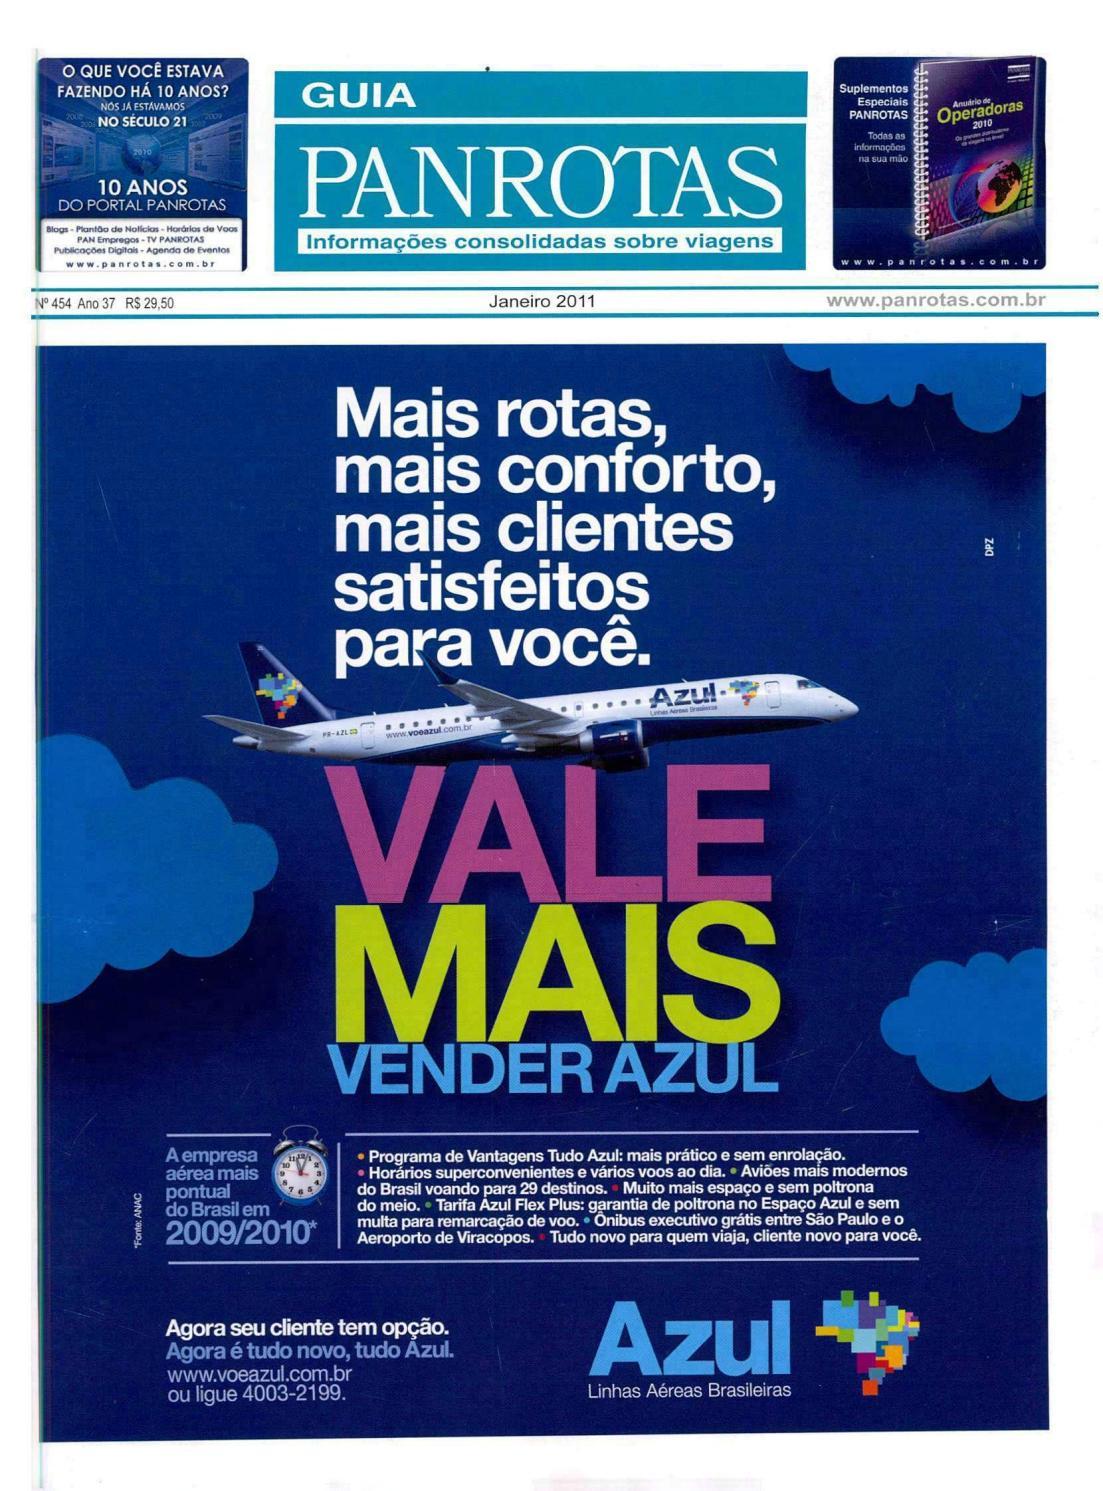 84a9ddc381 Guia PANROTAS - Edição 454 - Janeiro 2011 by PANROTAS Editora - issuu